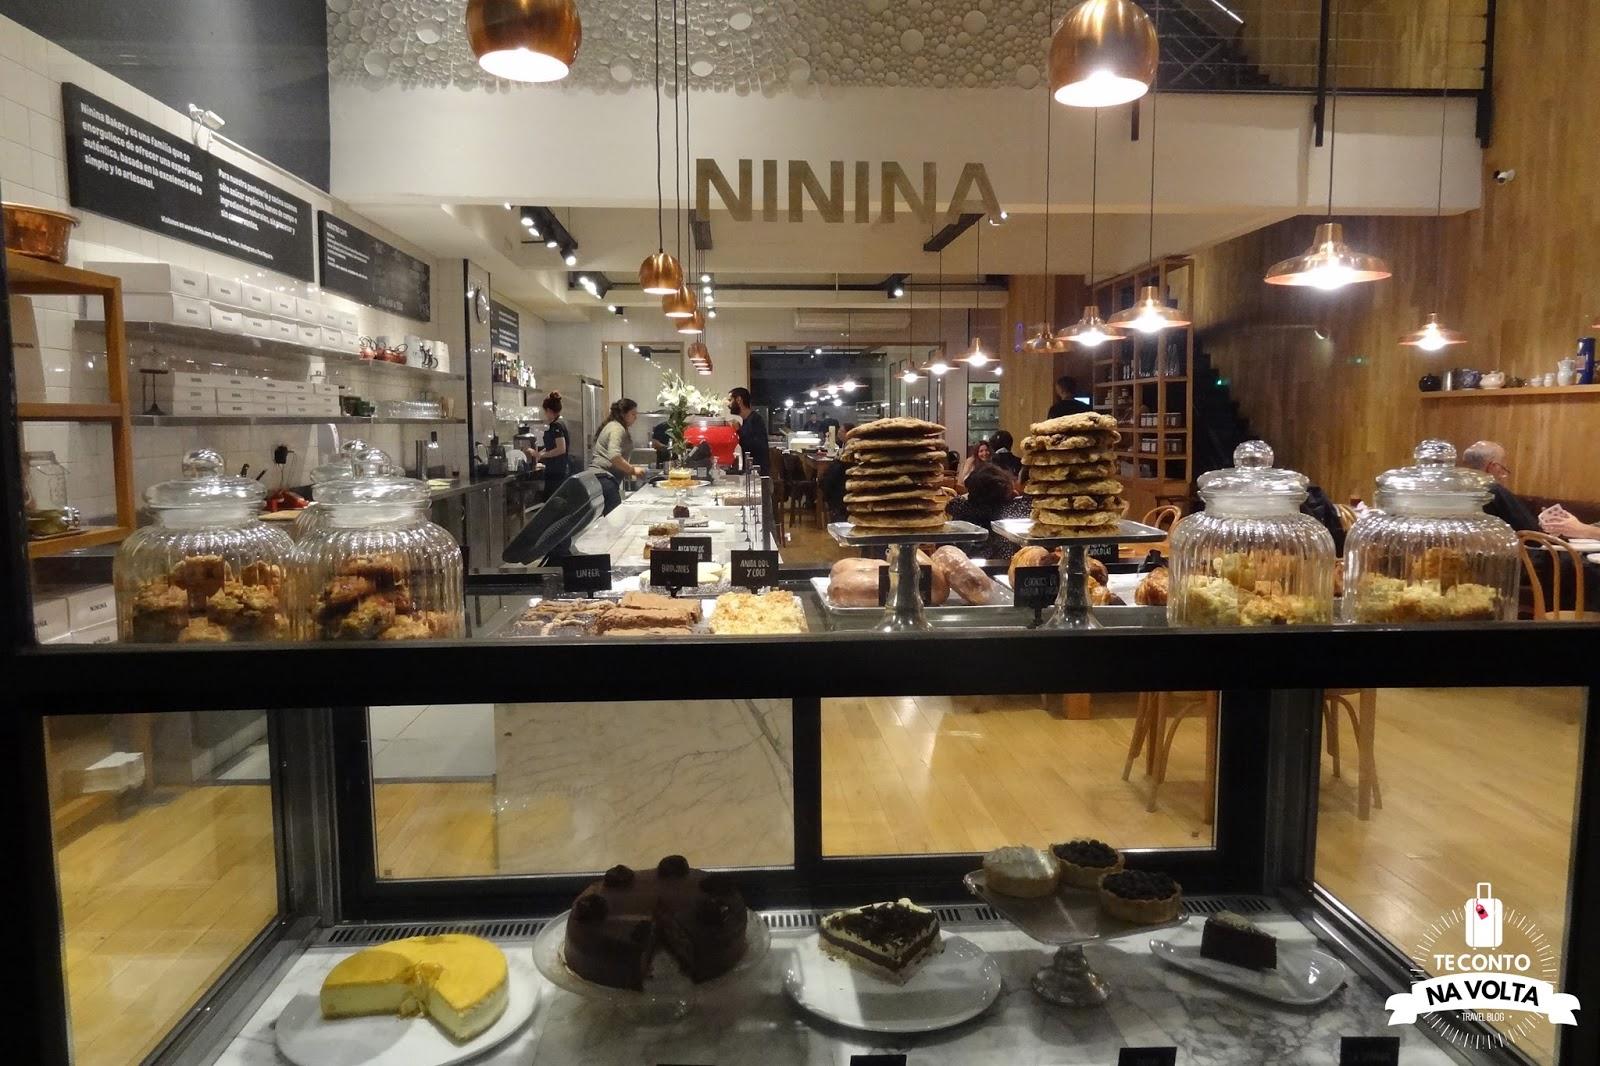 ninina-bakery-vitrine-1